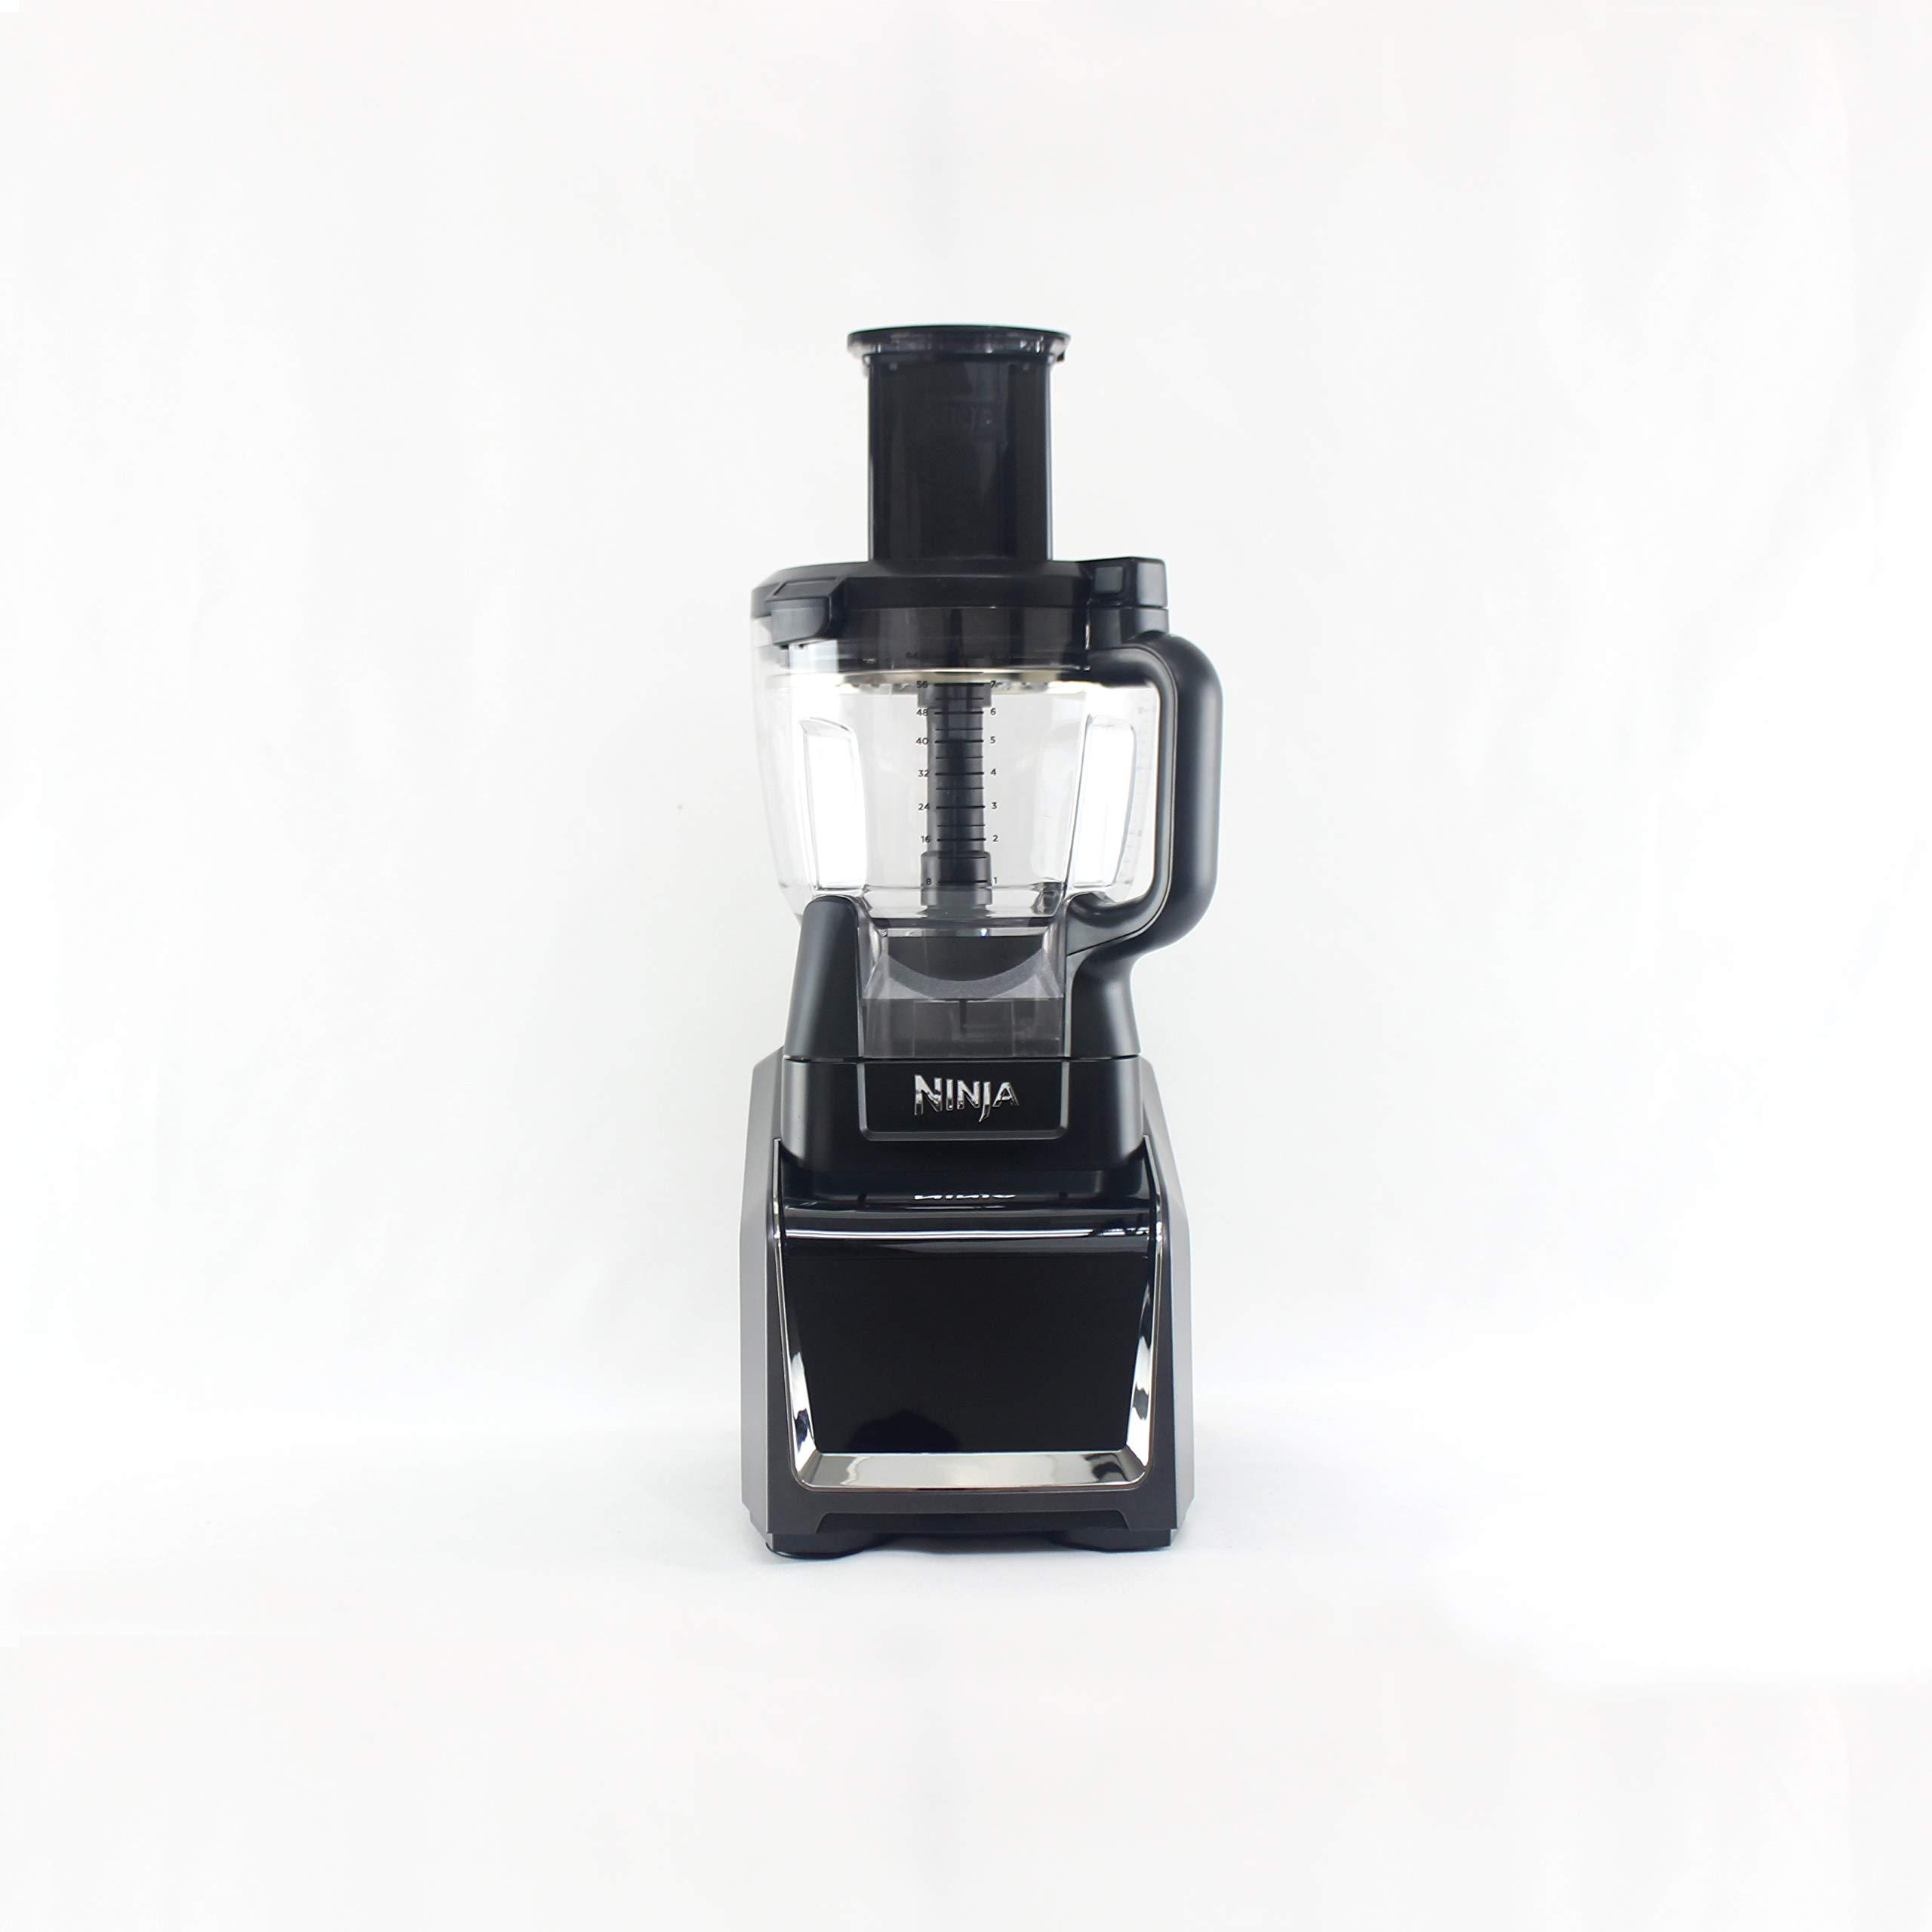 Ninja Intelli-Sense batidora de sistema de cocina, potente base de ...